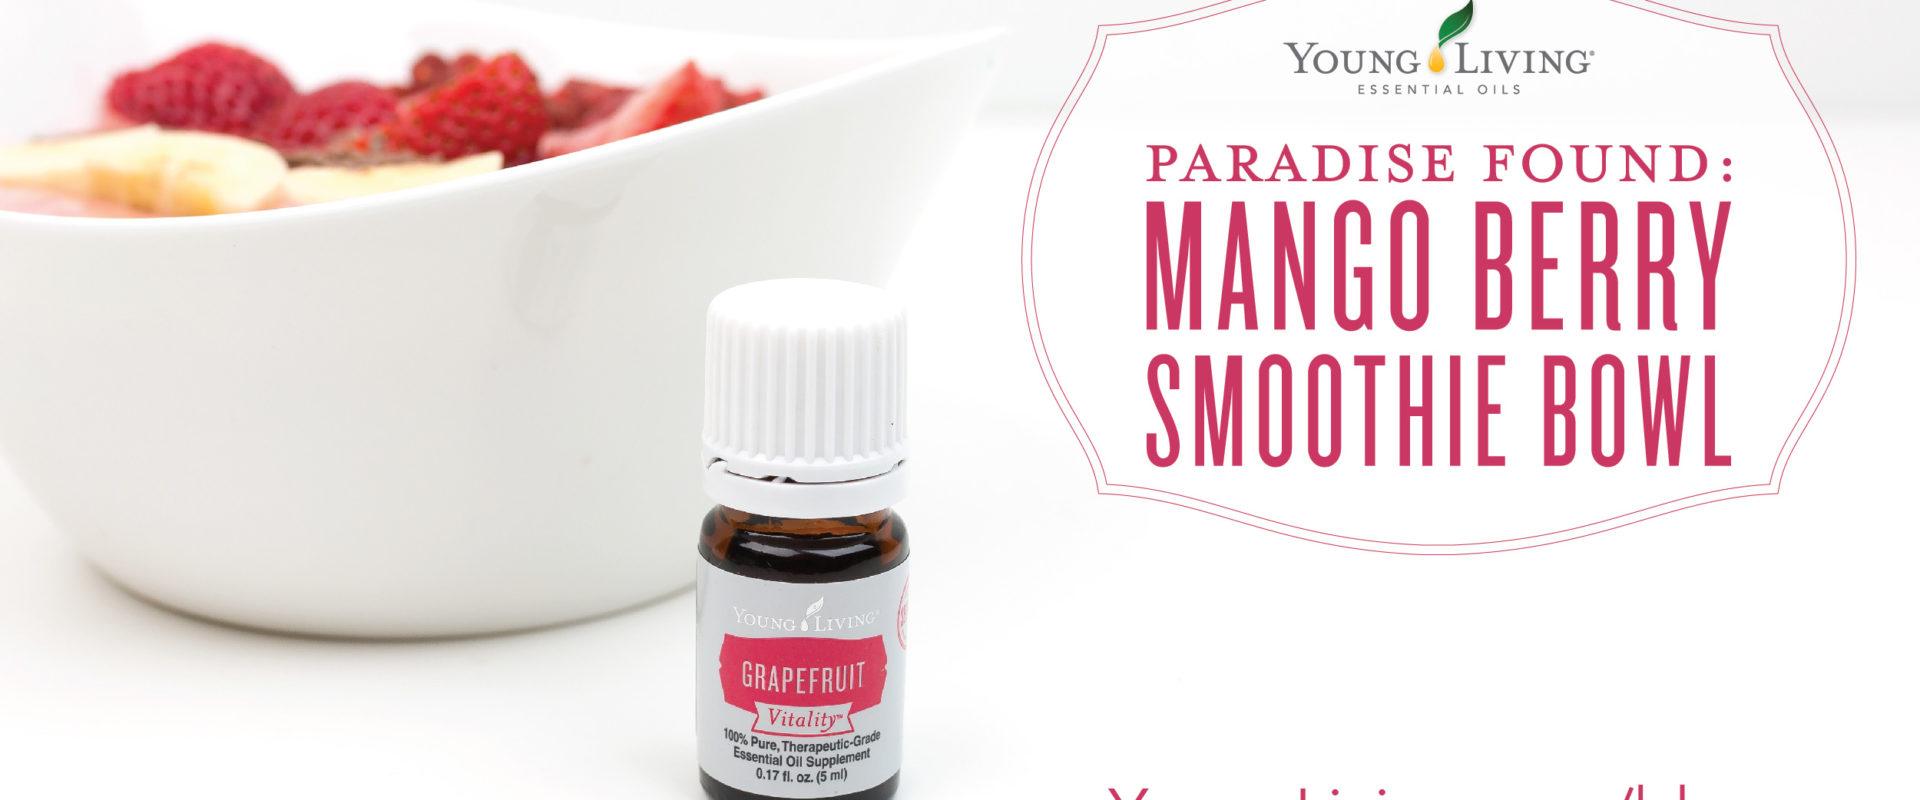 Mango Berry Smoothie Bowls